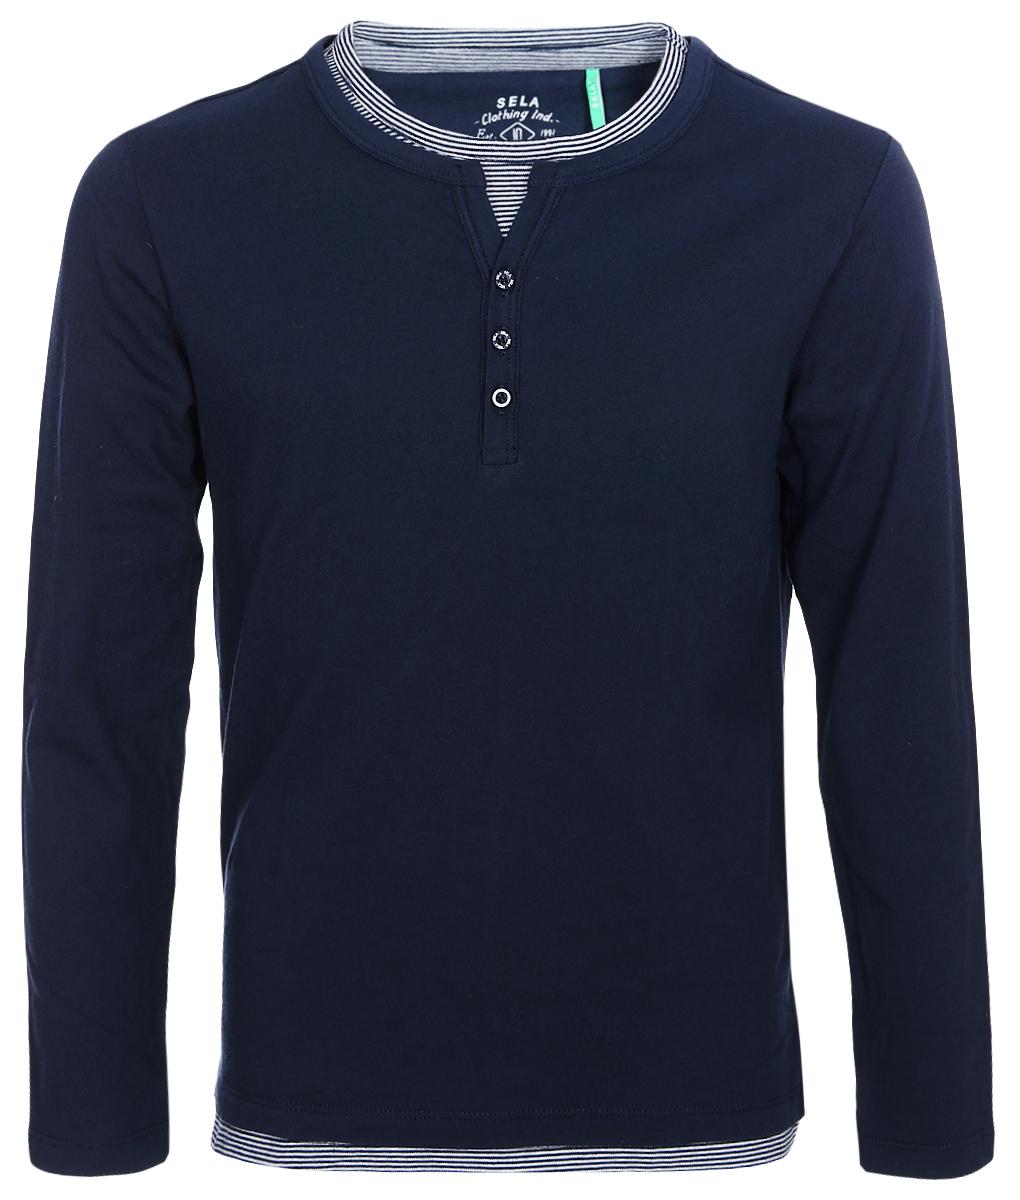 Джемпер для мальчика Sela, цвет: темно-синий. T-811/1095-8213. Размер 152 цена